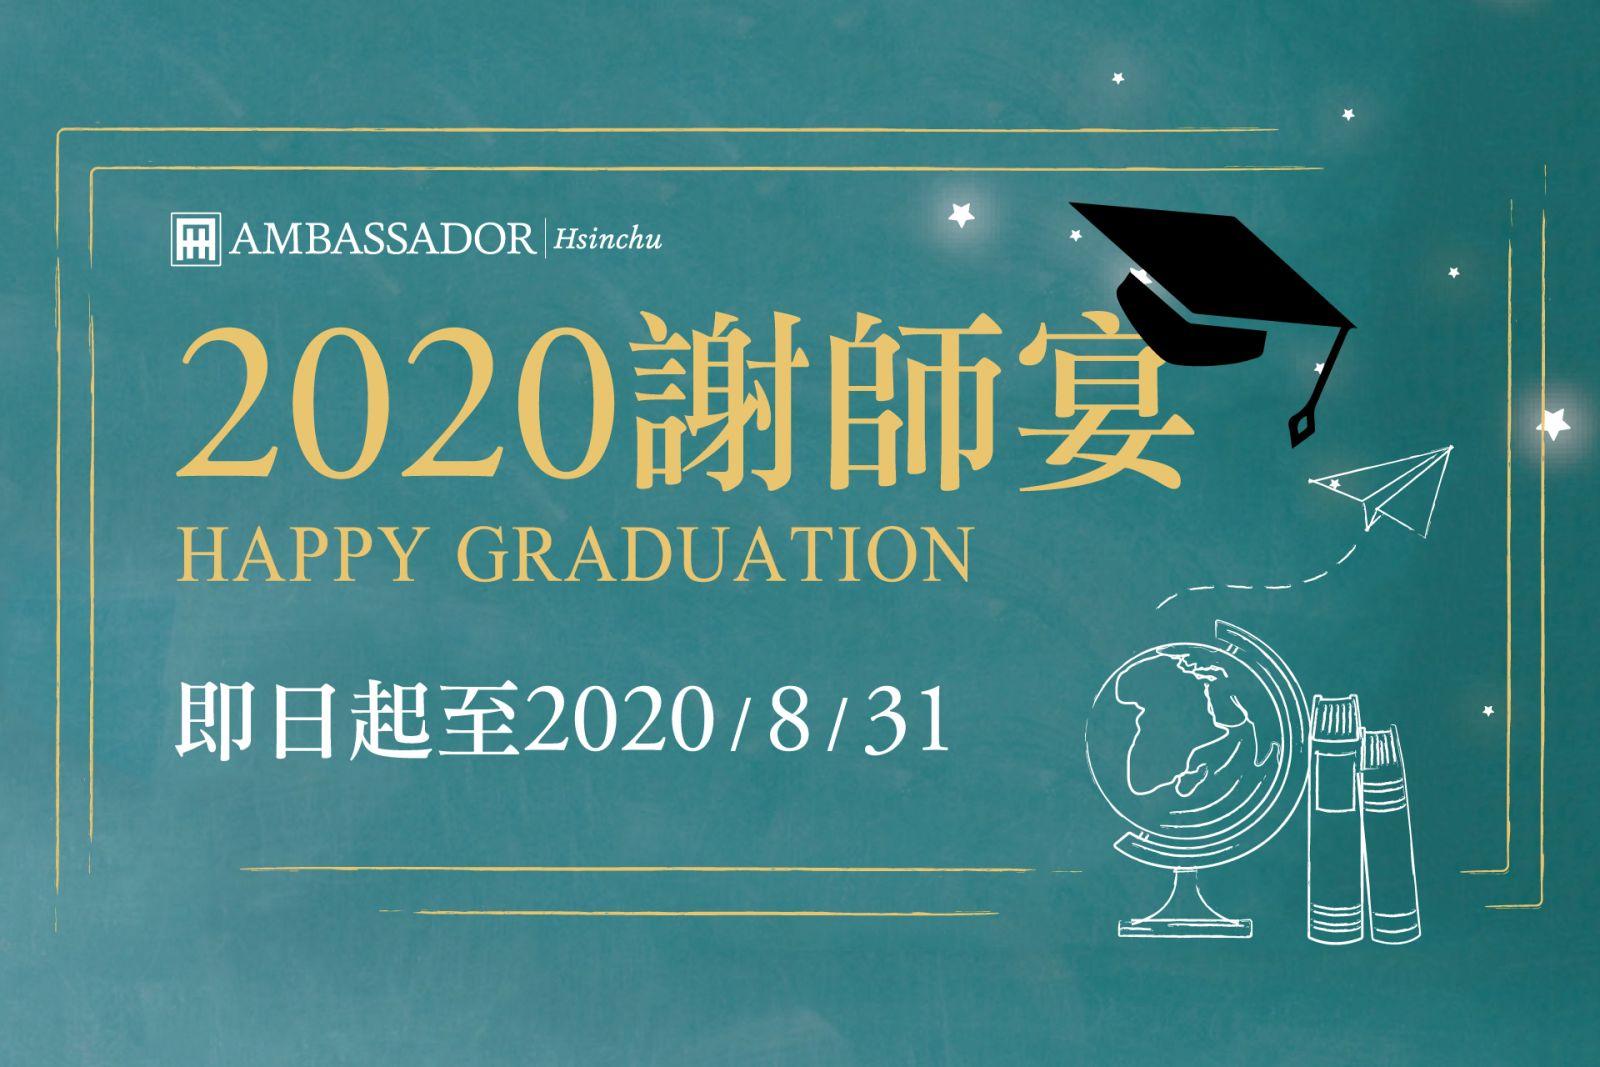 【2020謝師宴專案】